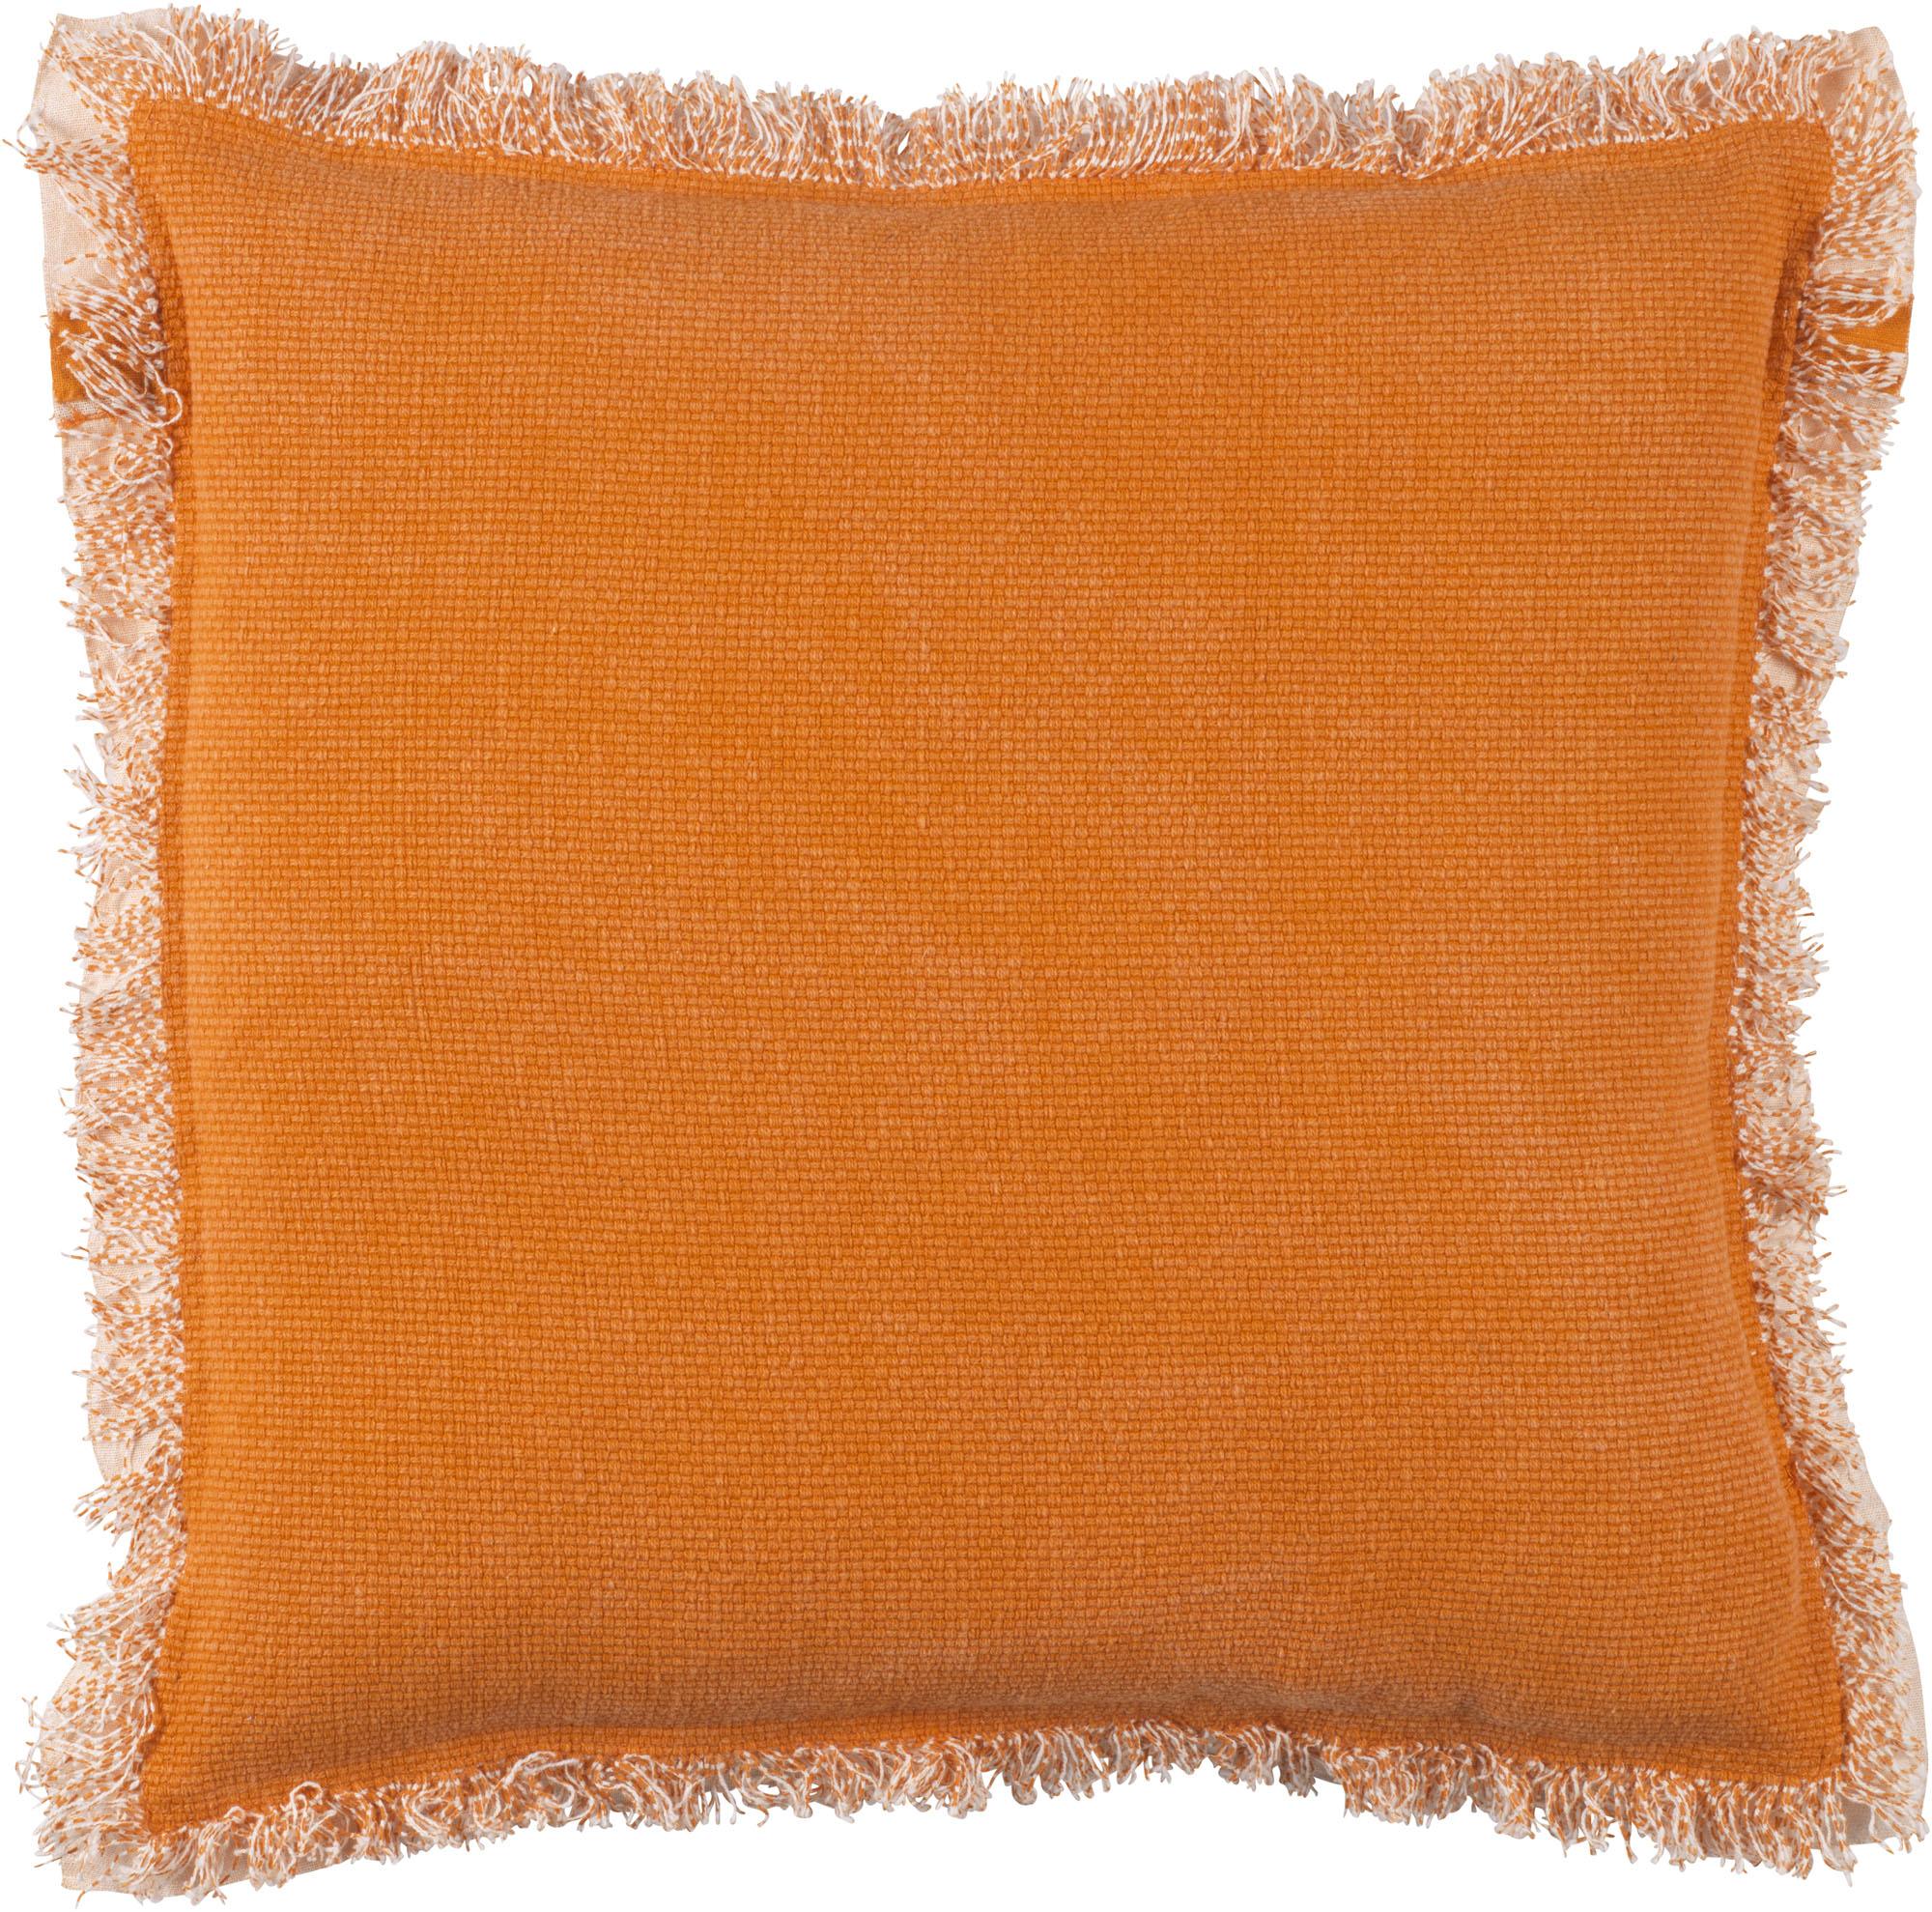 BURTO - Sierkussen van katoen oranje 45x45 cm